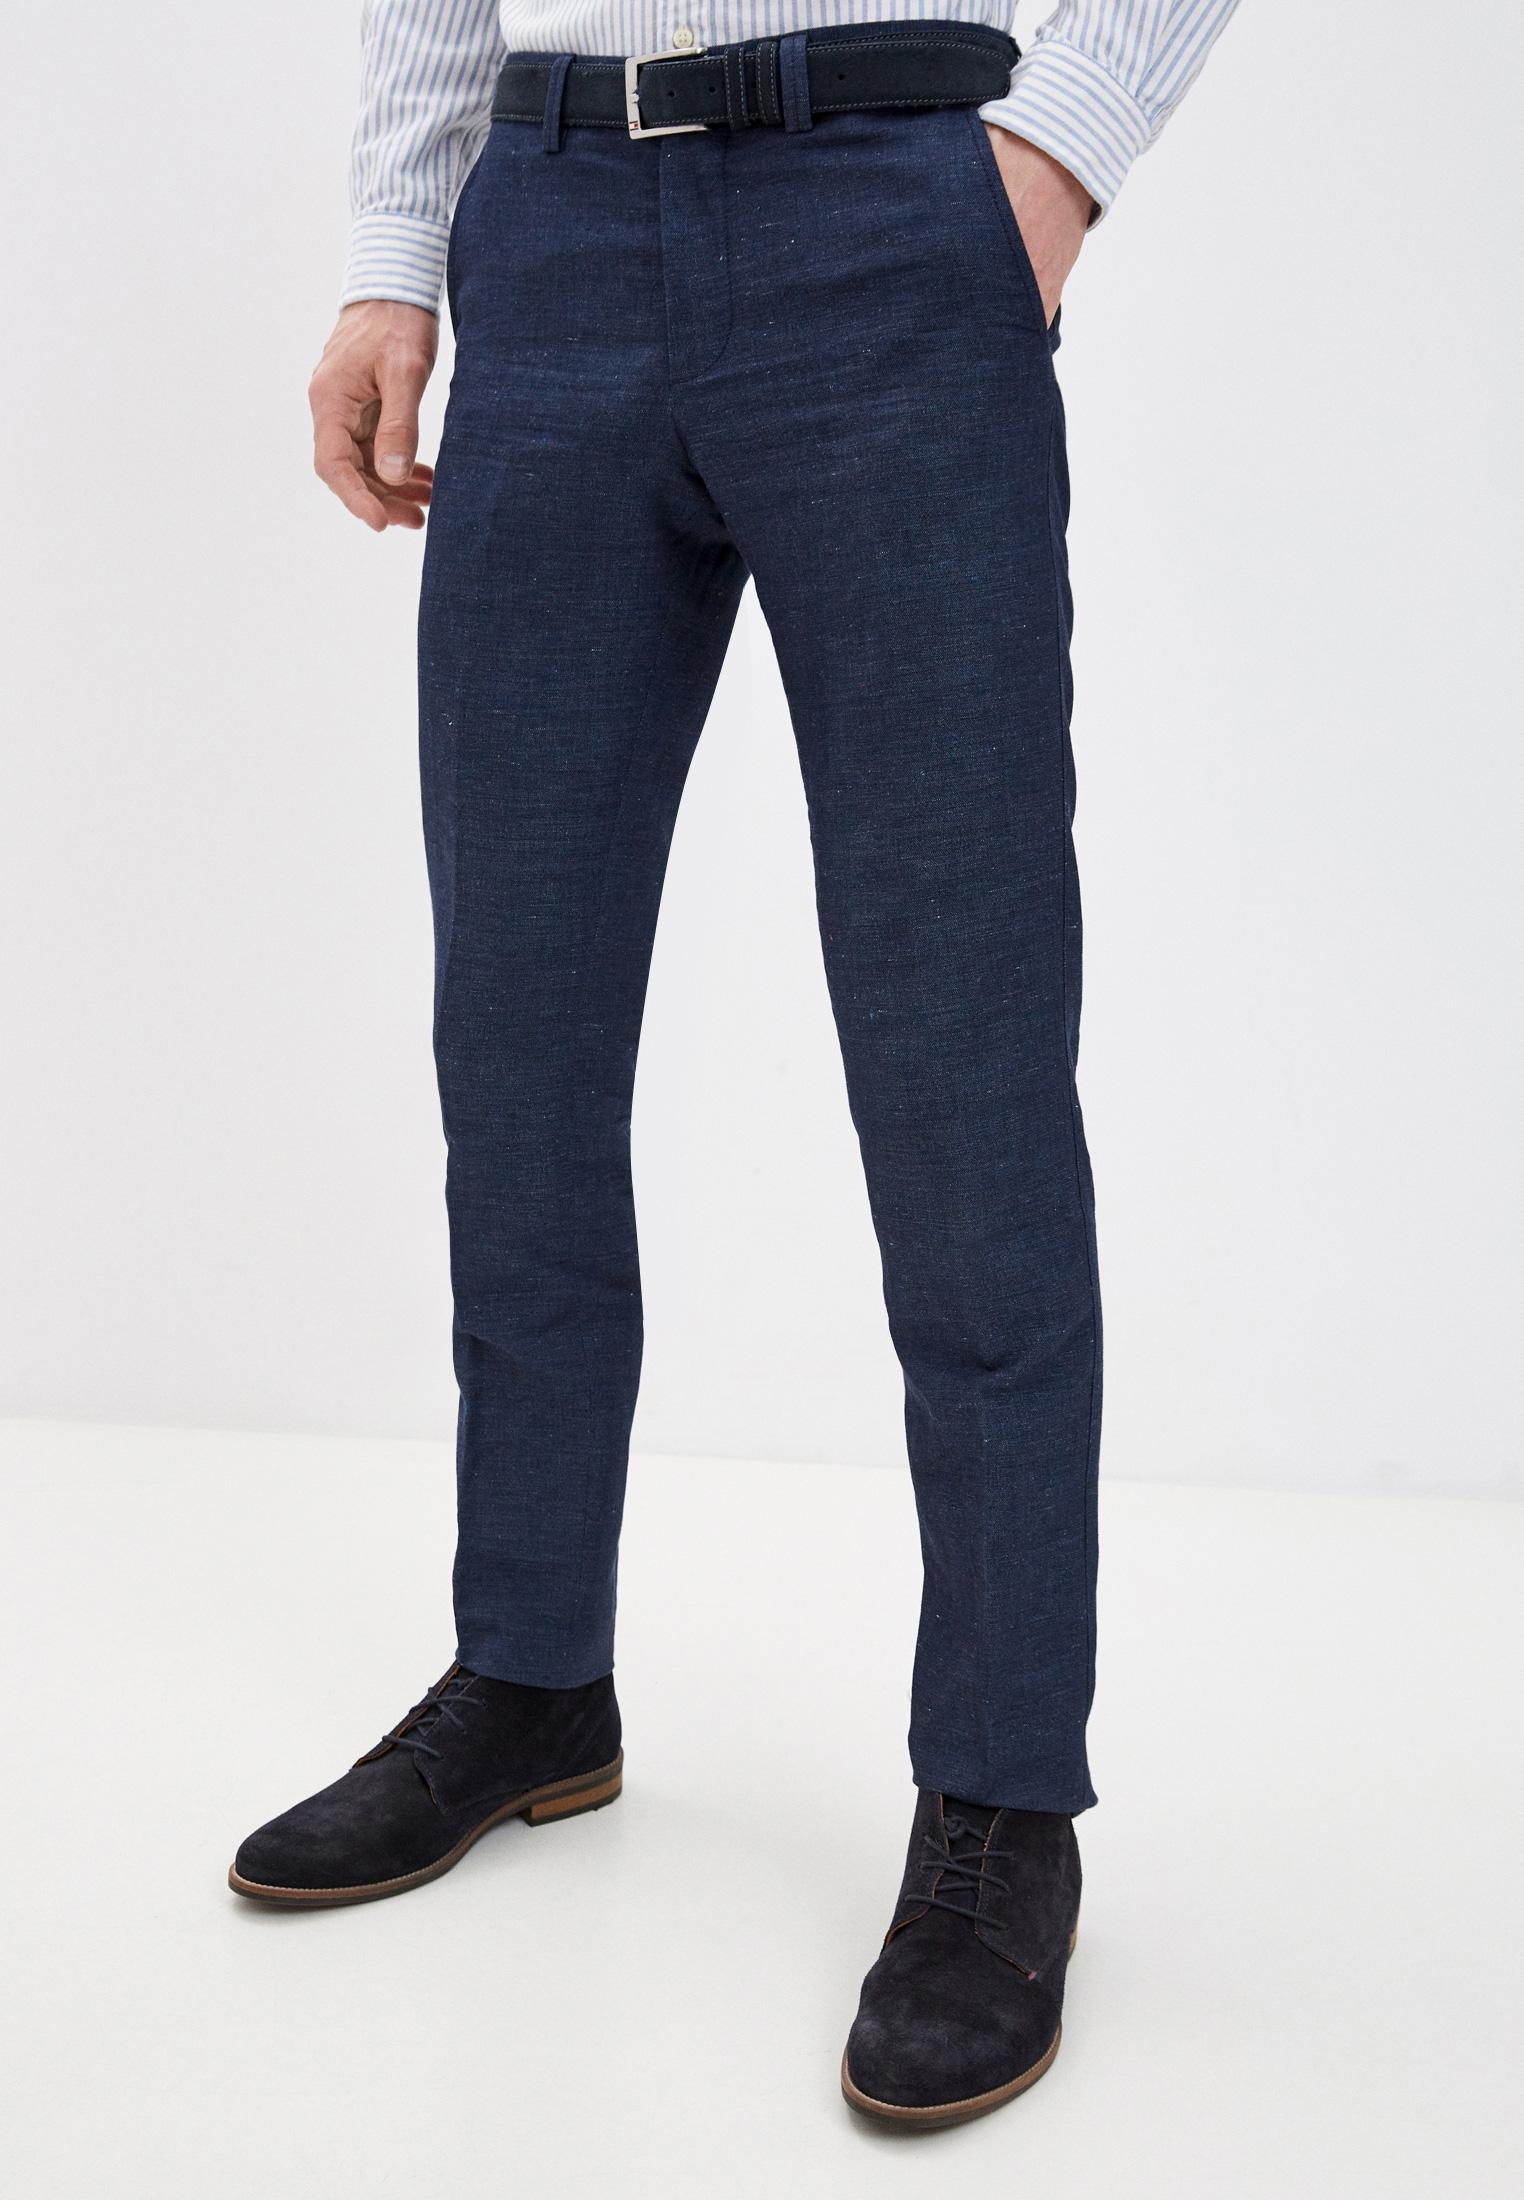 Мужские повседневные брюки Corneliani Брюки Corneliani